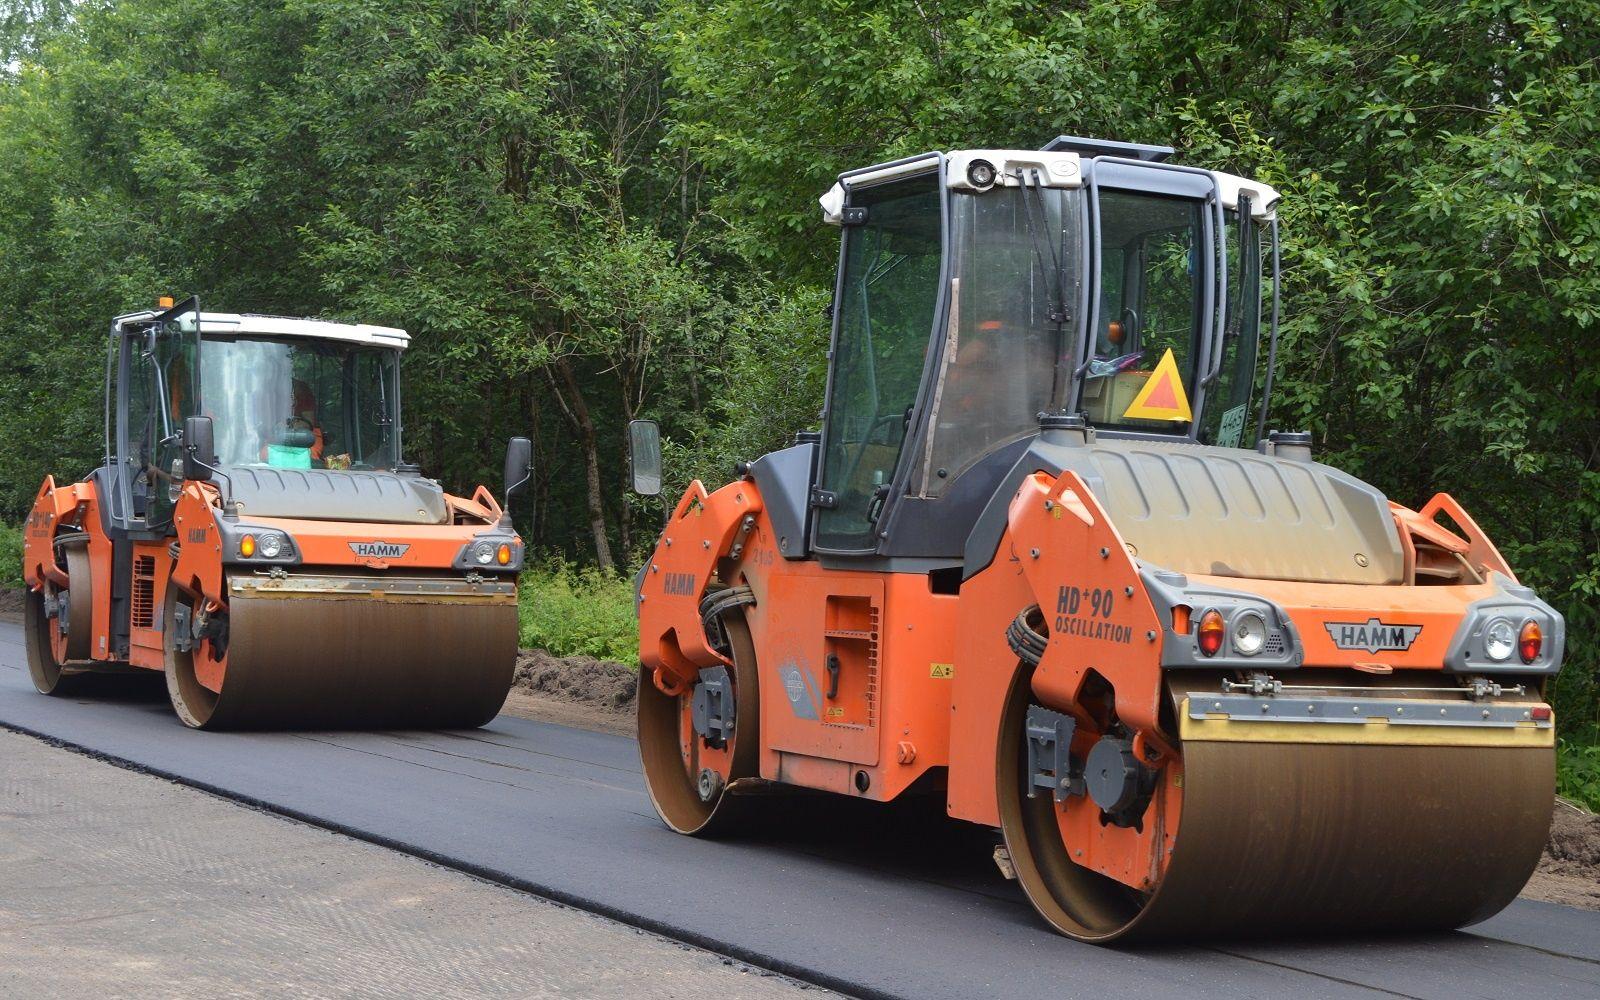 147 км дорог отремонтировали в 12 районах Смоленской области